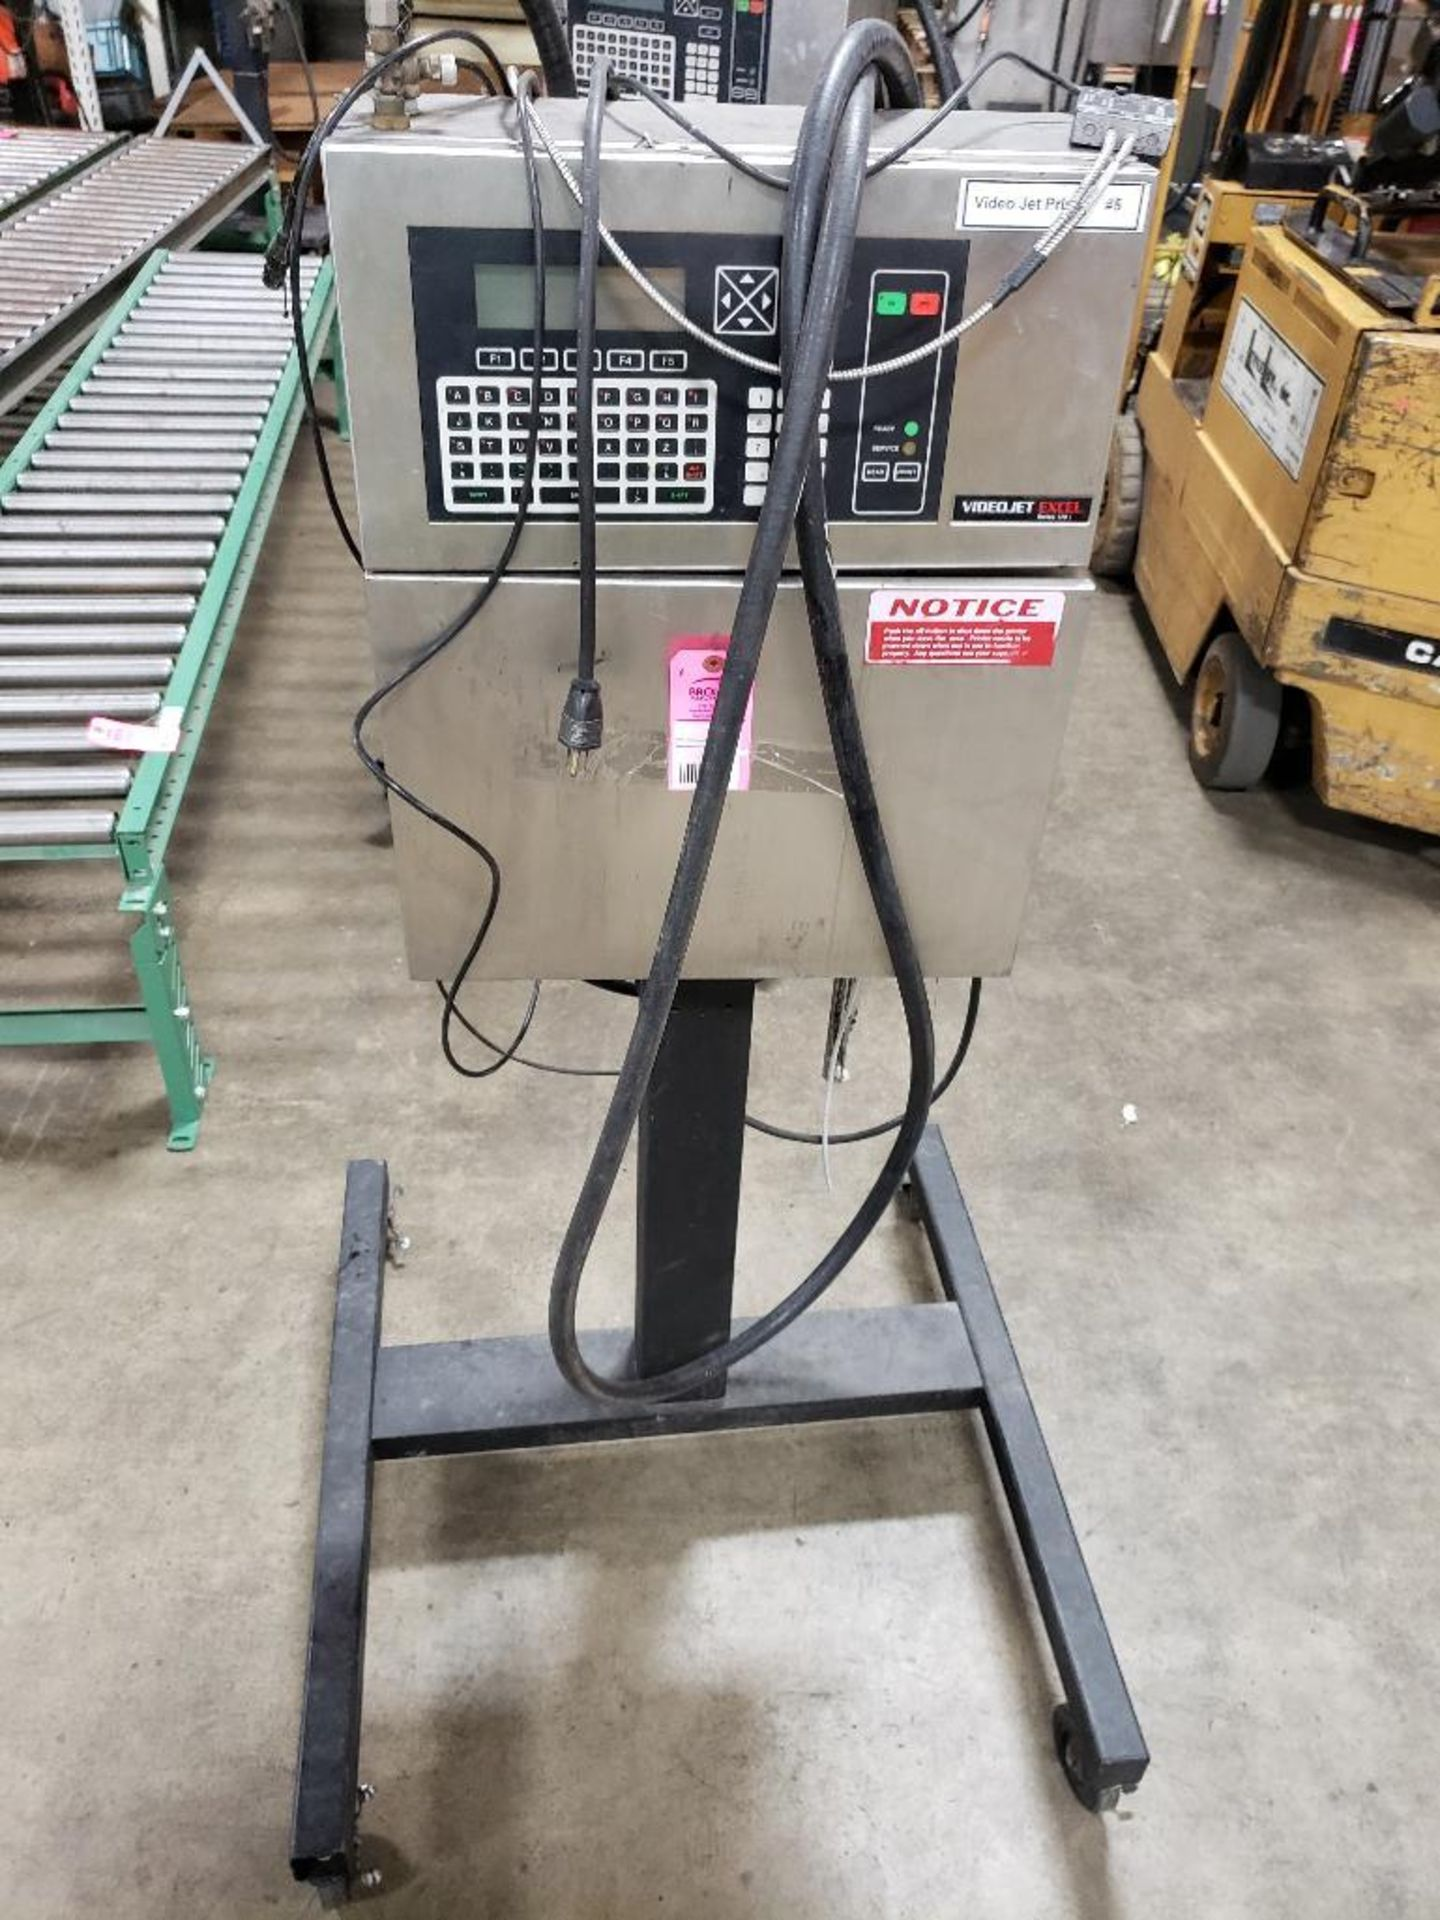 Videojet Excel Series 170-i ink jet marking machine. 100-240V.